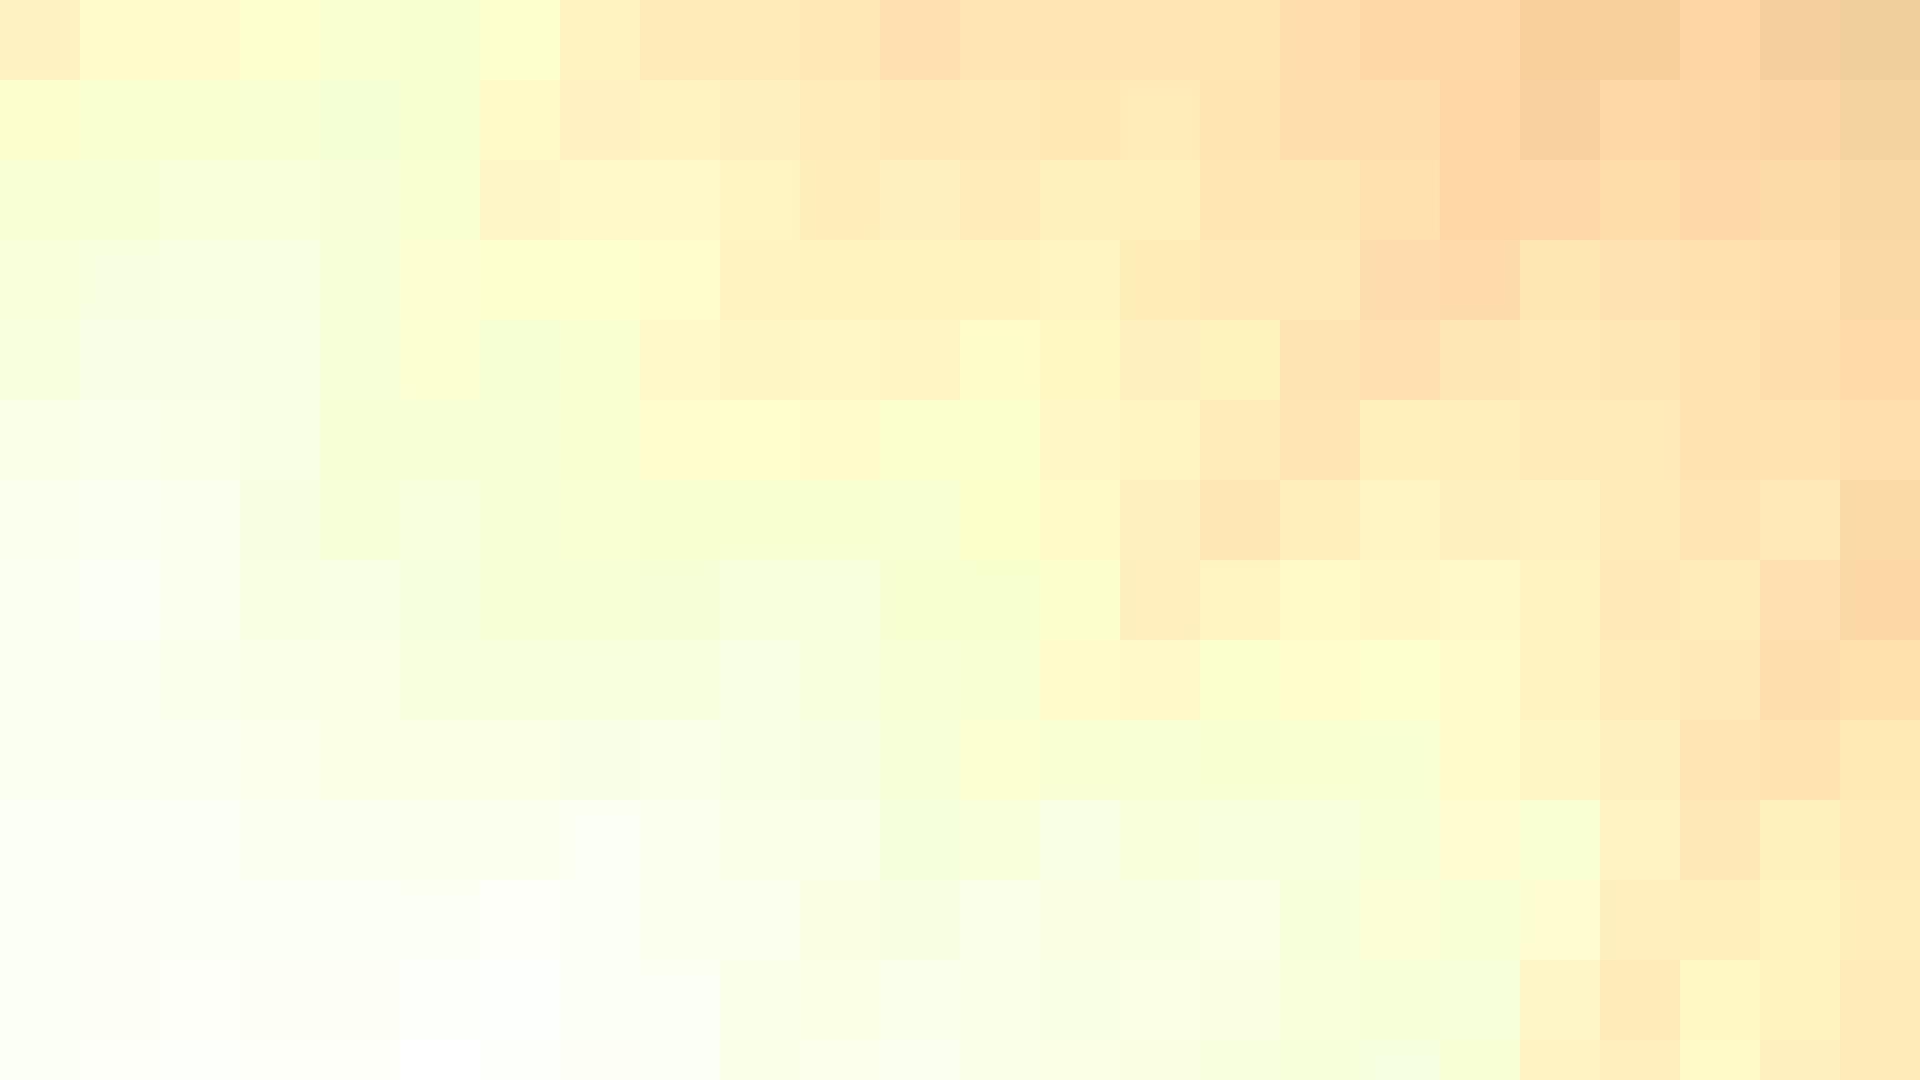 阿国ちゃんの「和式洋式七変化」No.17 洗面所   丸見えマンコ  95画像 21